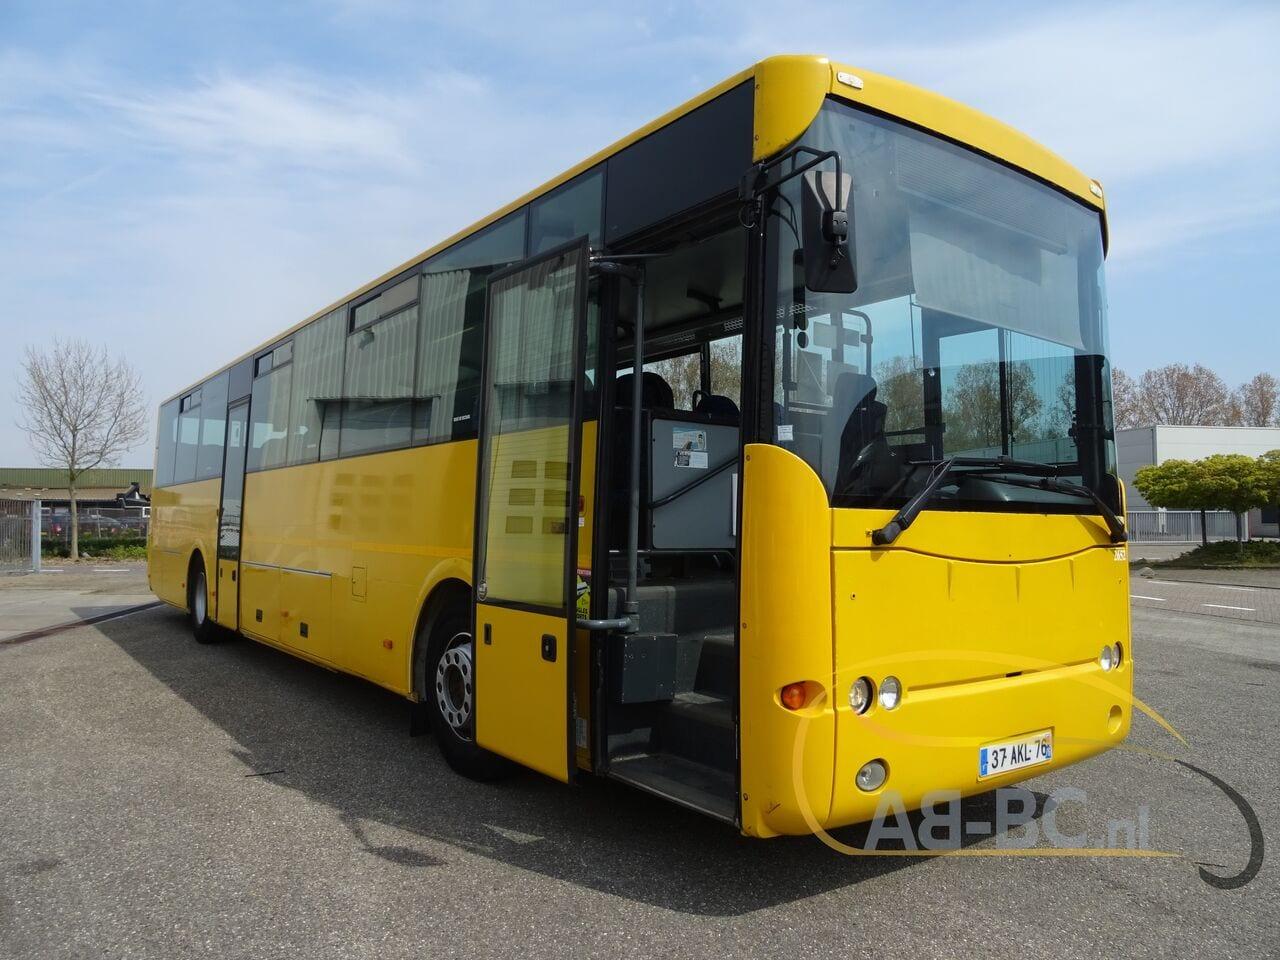 interurban-busMAN-Fast-64-seats---1619619622157624438_big_1338258535822ace08821d562d0ad30d--21042817163019598600